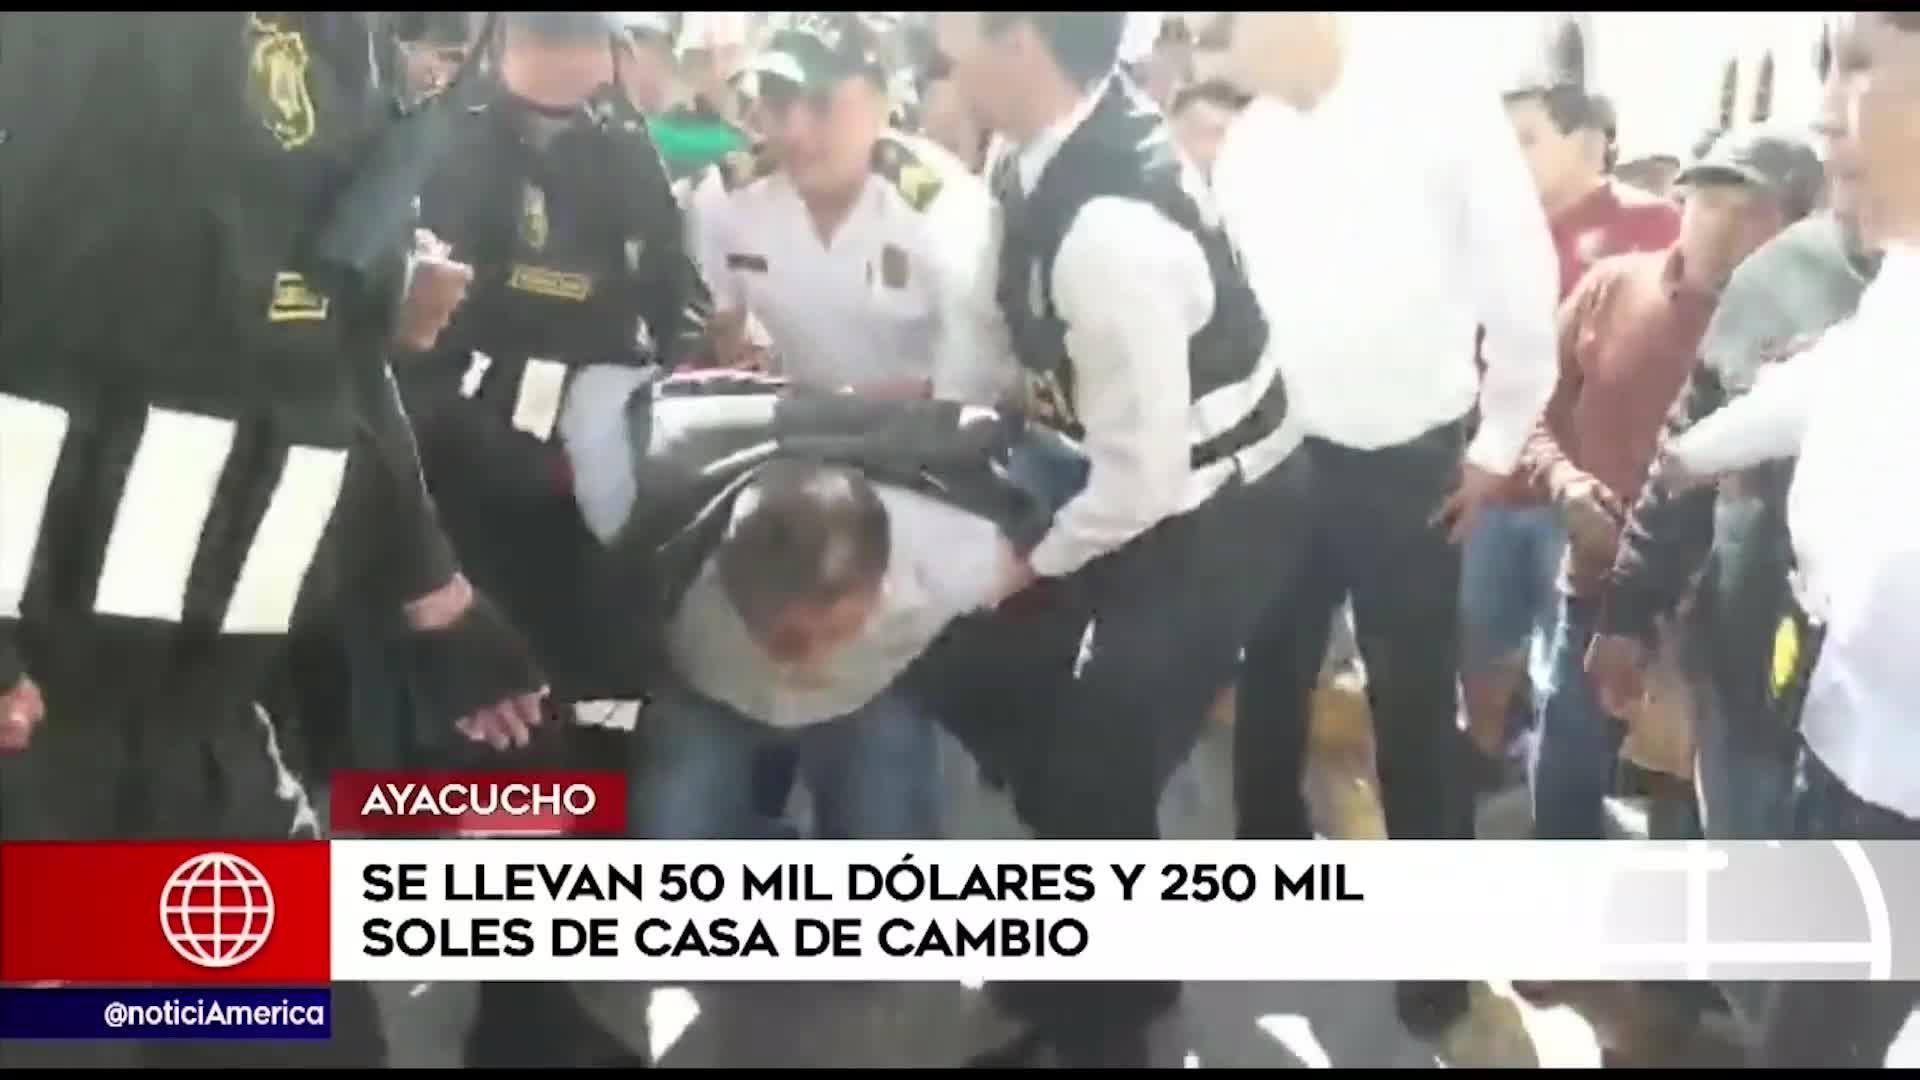 Ayacucho: asaltan casa de cambio y se llevan 50 mil soles